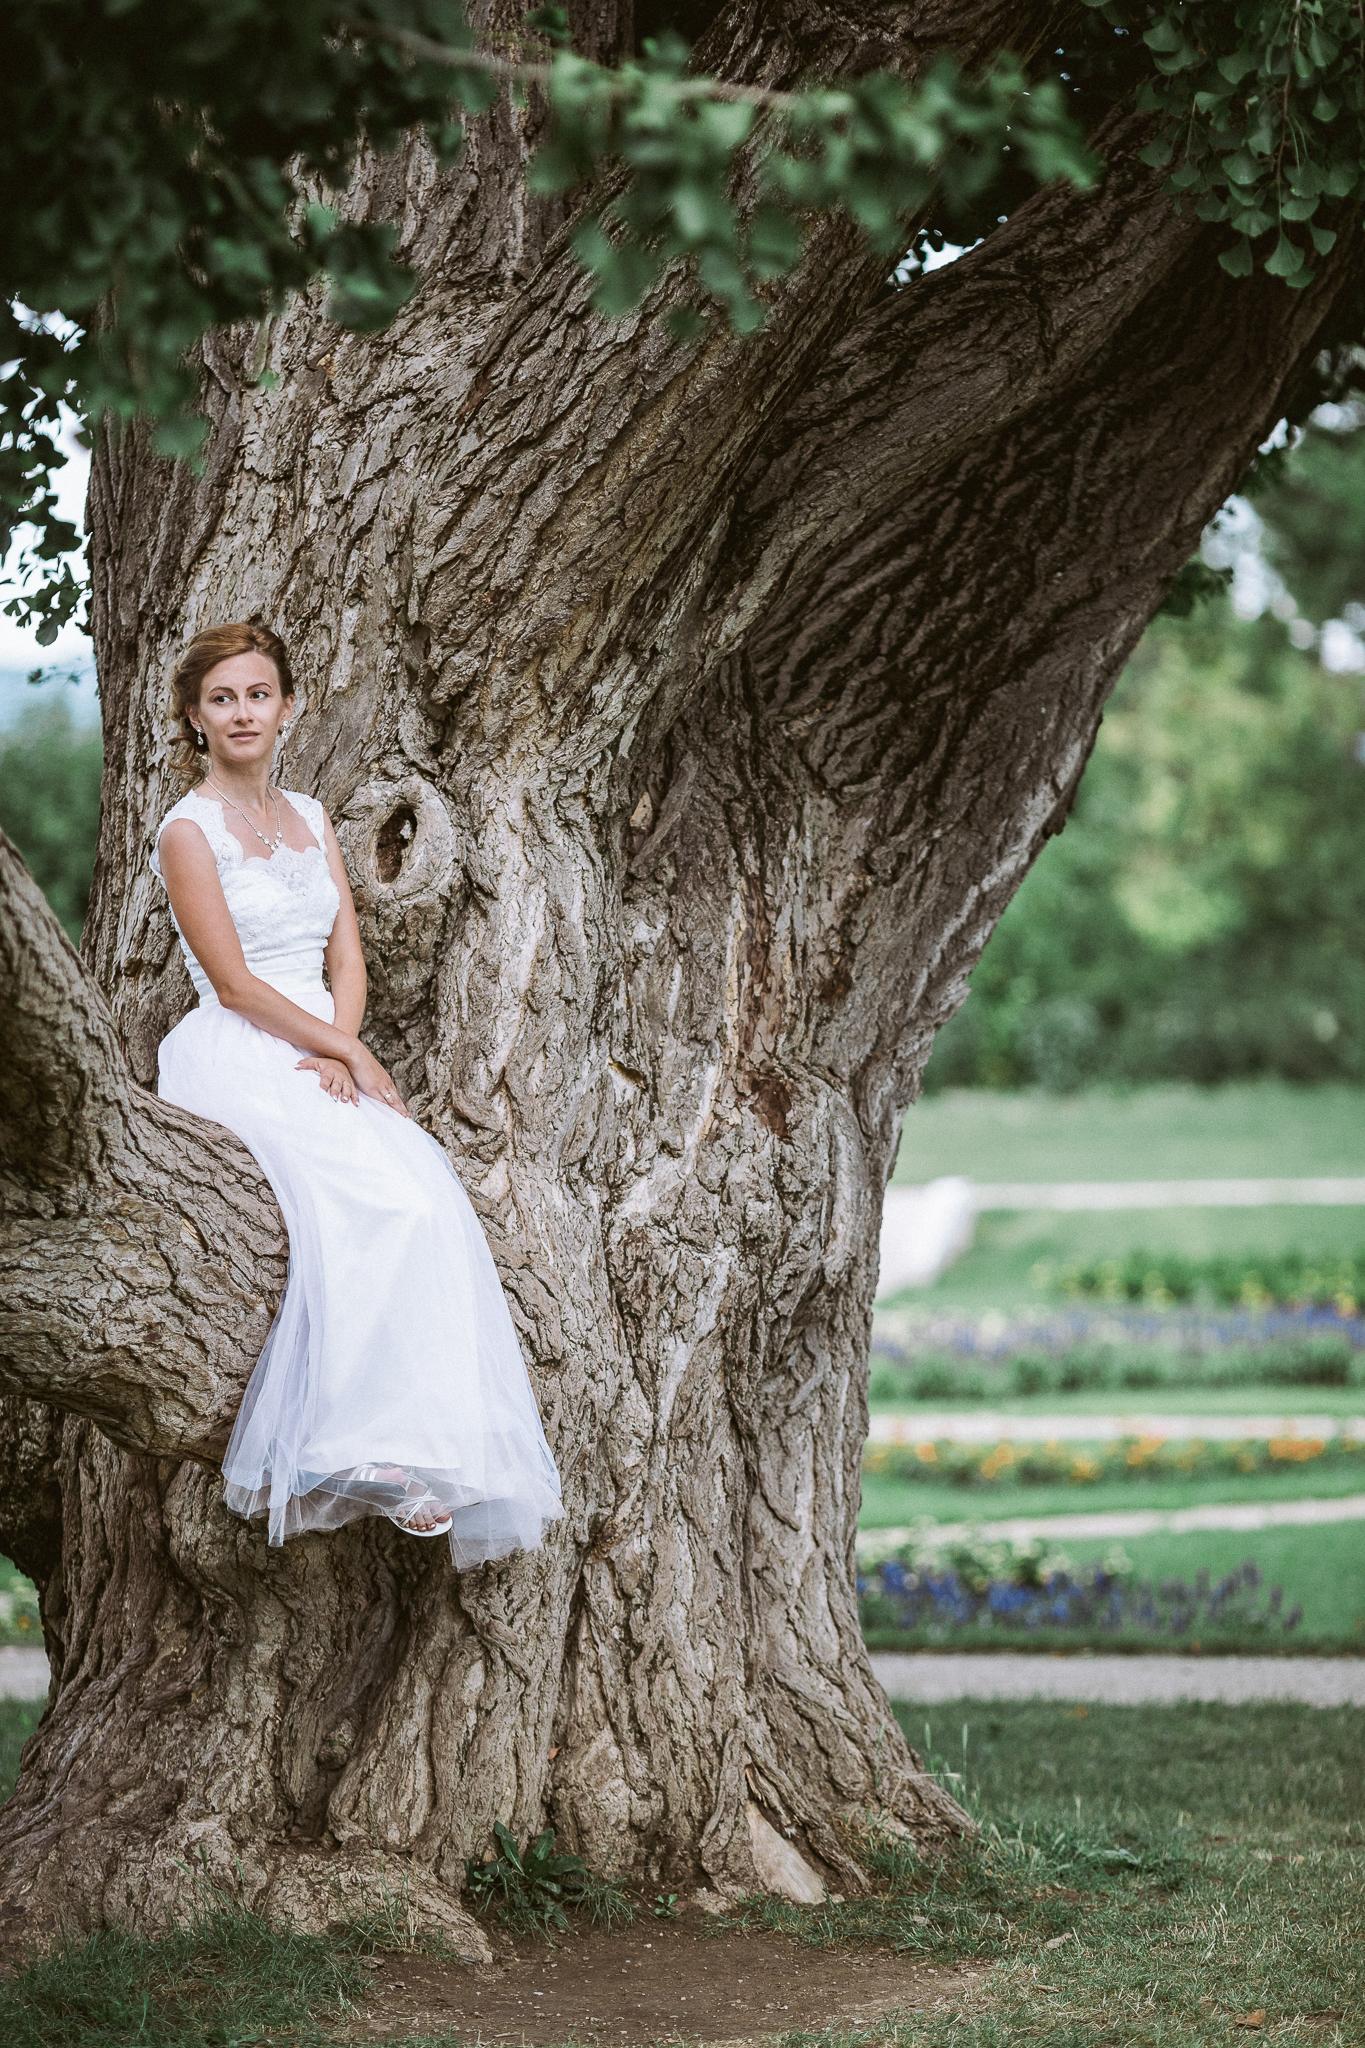 FylepPhoto, esküvőfotós, esküvői fotós Körmend, Szombathely, esküvőfotózás, magyarország, vas megye, prémium, jegyesfotózás, Fülöp Péter, körmend, kreatív, fotográfus_30-2.jpg